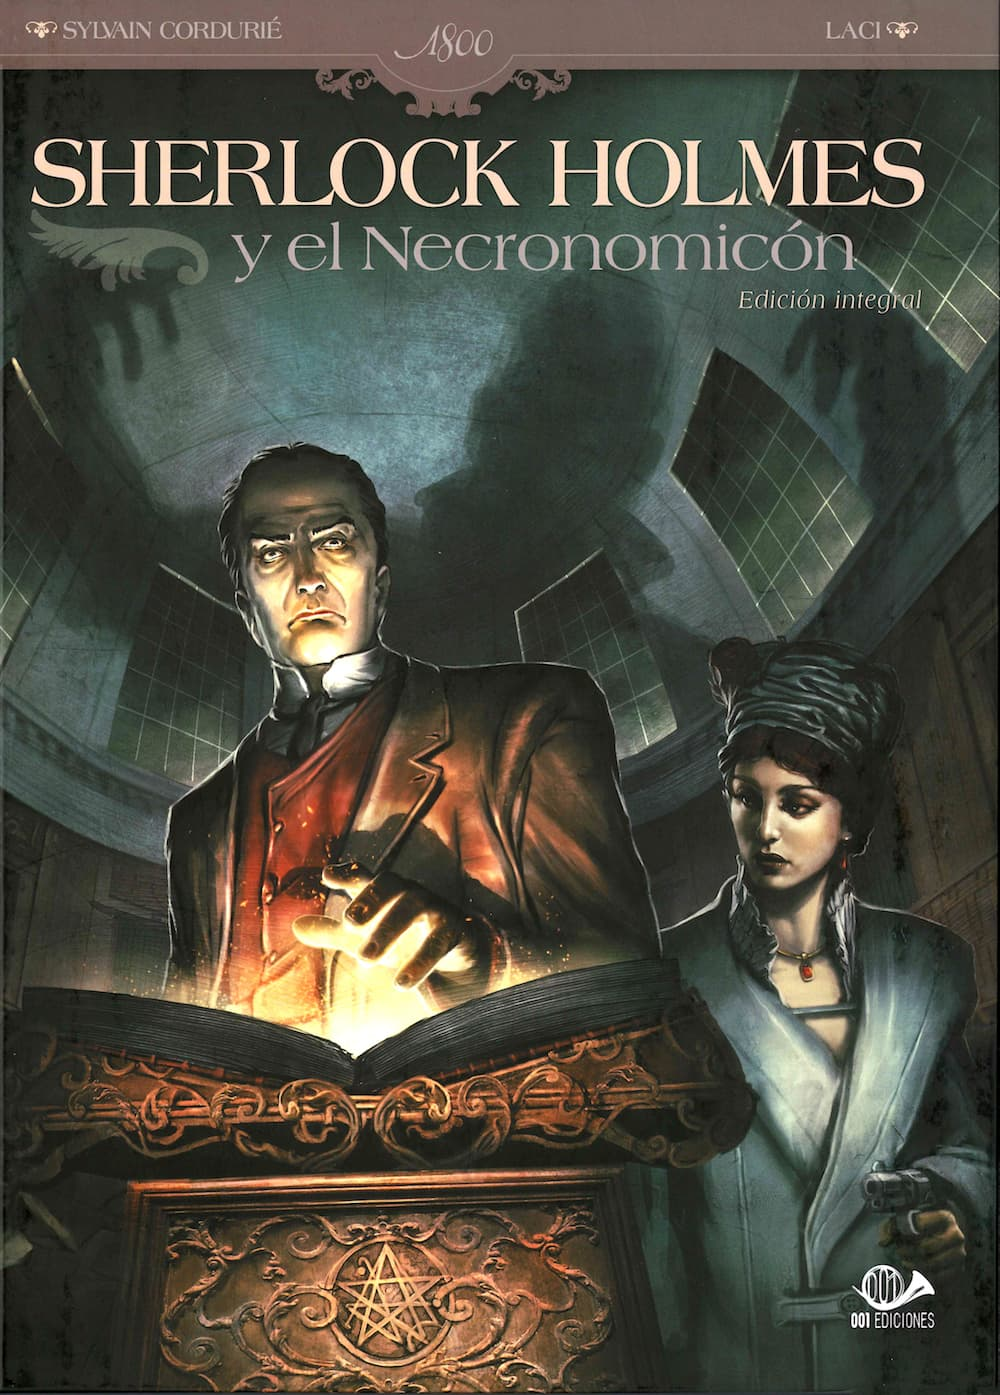 SHERLOCK HOLMES Y EL NECRONOMICON (INTEGRAL)